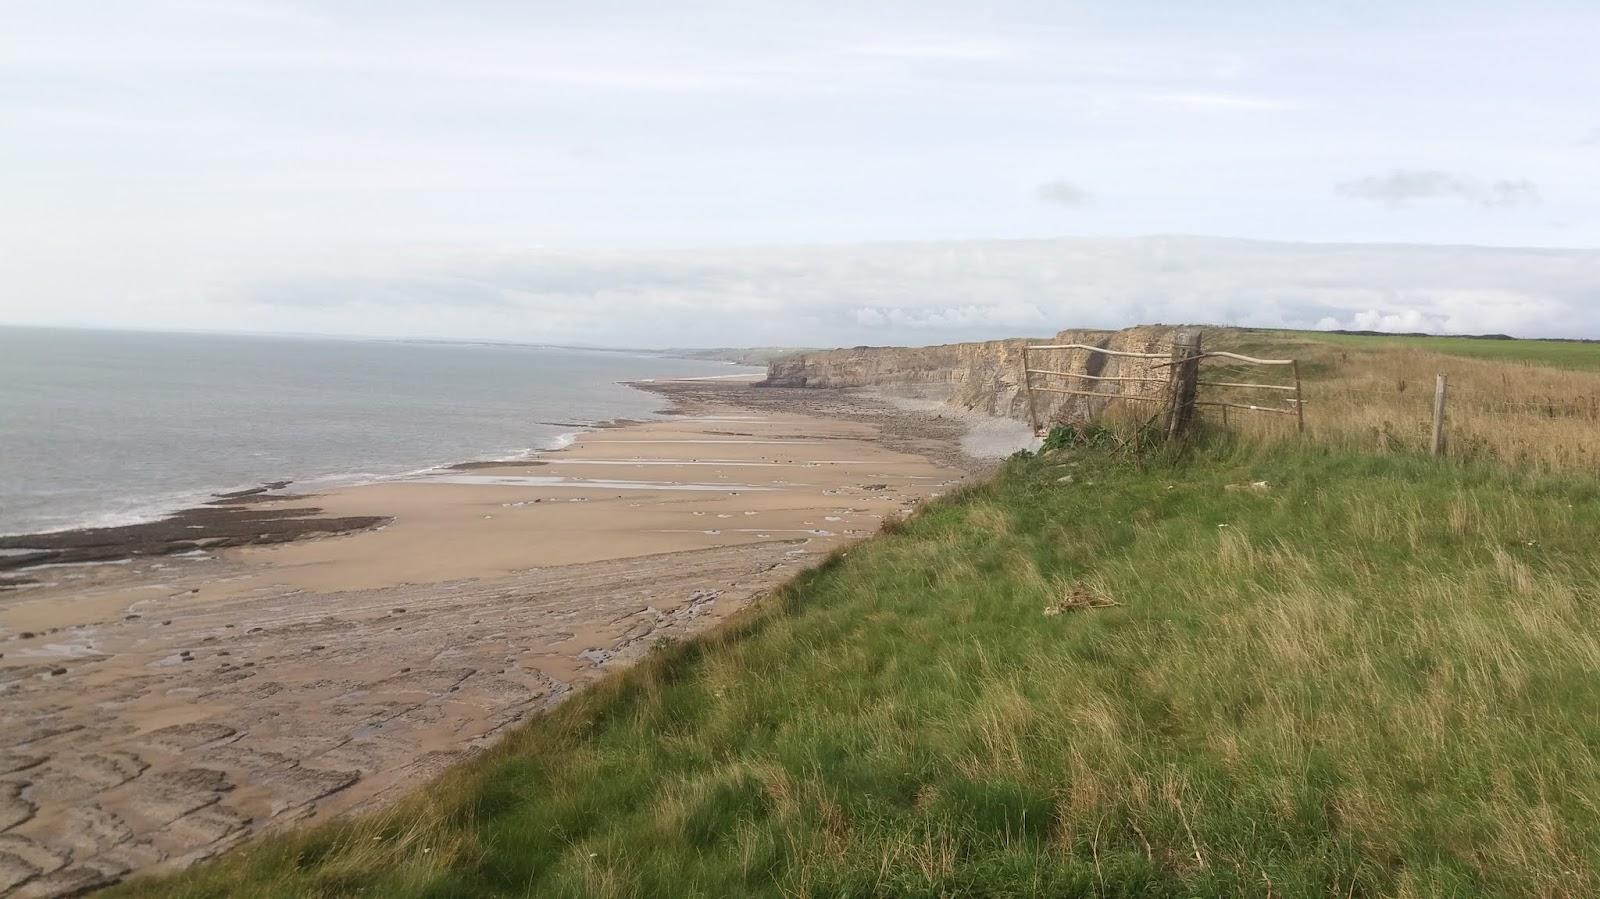 20170824 160818 Traeth Mawr beach from Nash Point cliffs